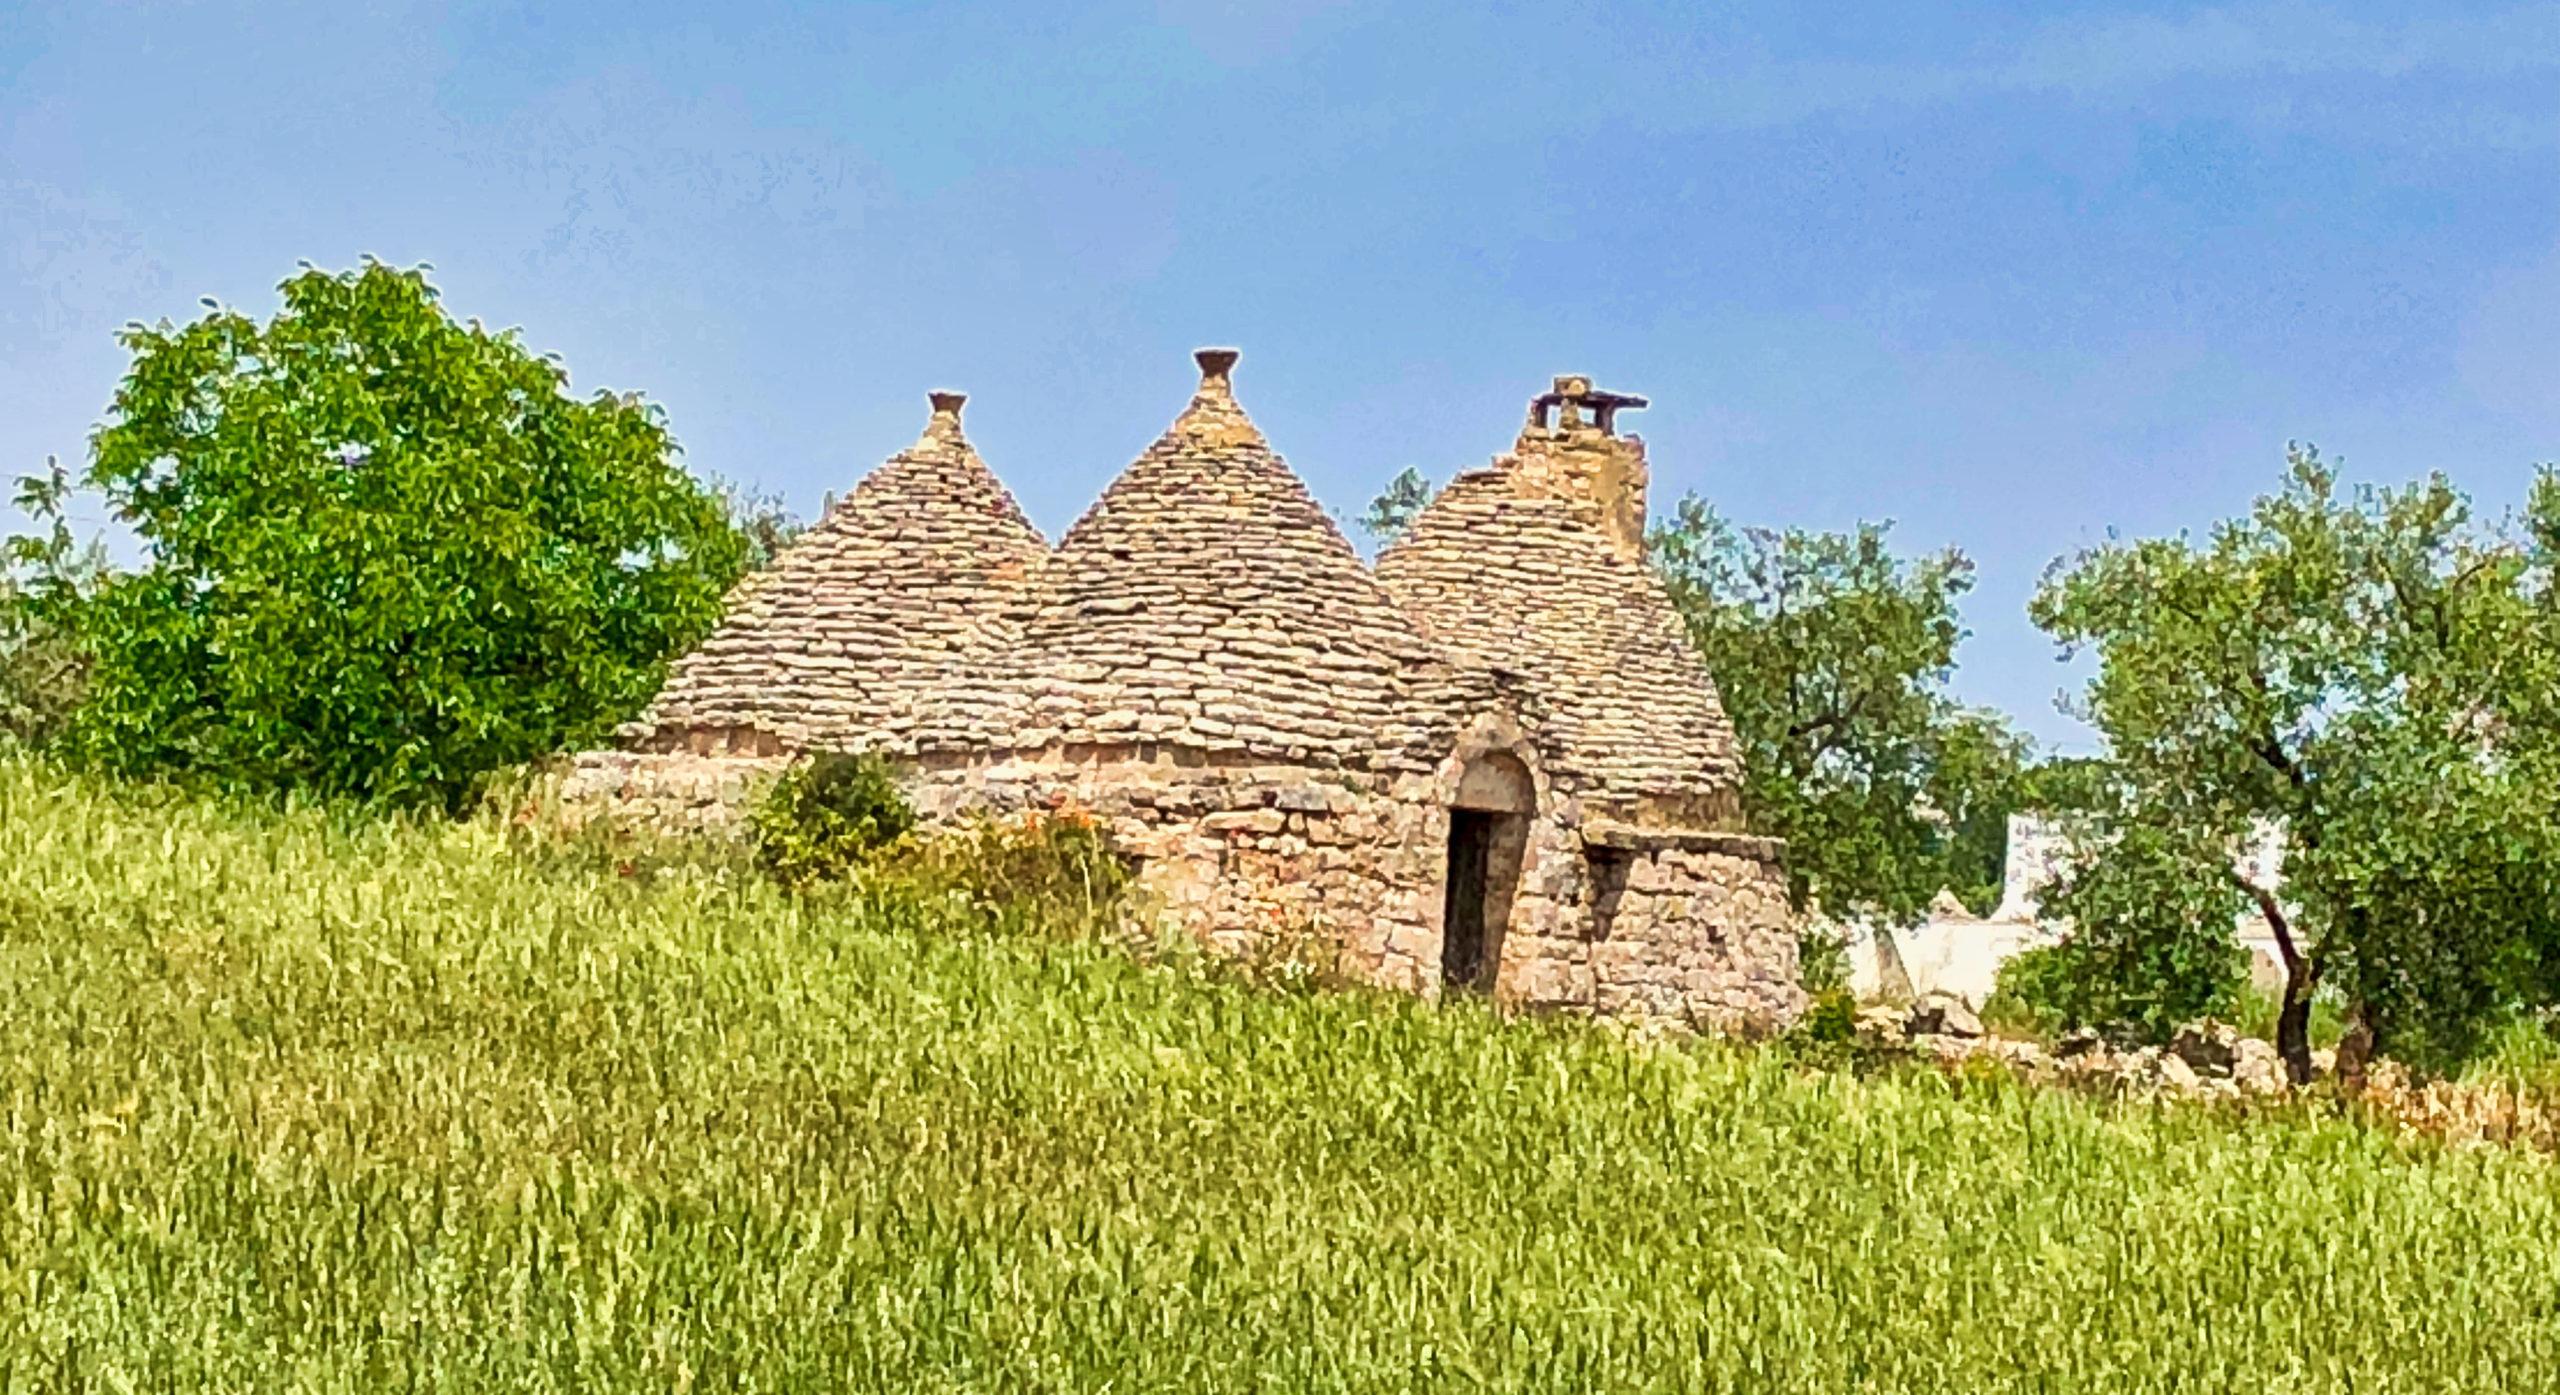 Typisches Trulli-Haus mitten auf der Wiese